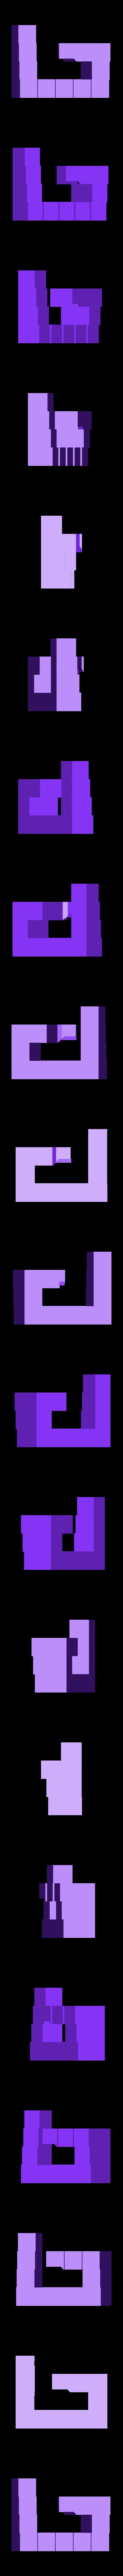 Impossible_Stairs.stl Télécharger fichier STL gratuit Impossible Stairs • Objet pour imprimante 3D, Chrisibub